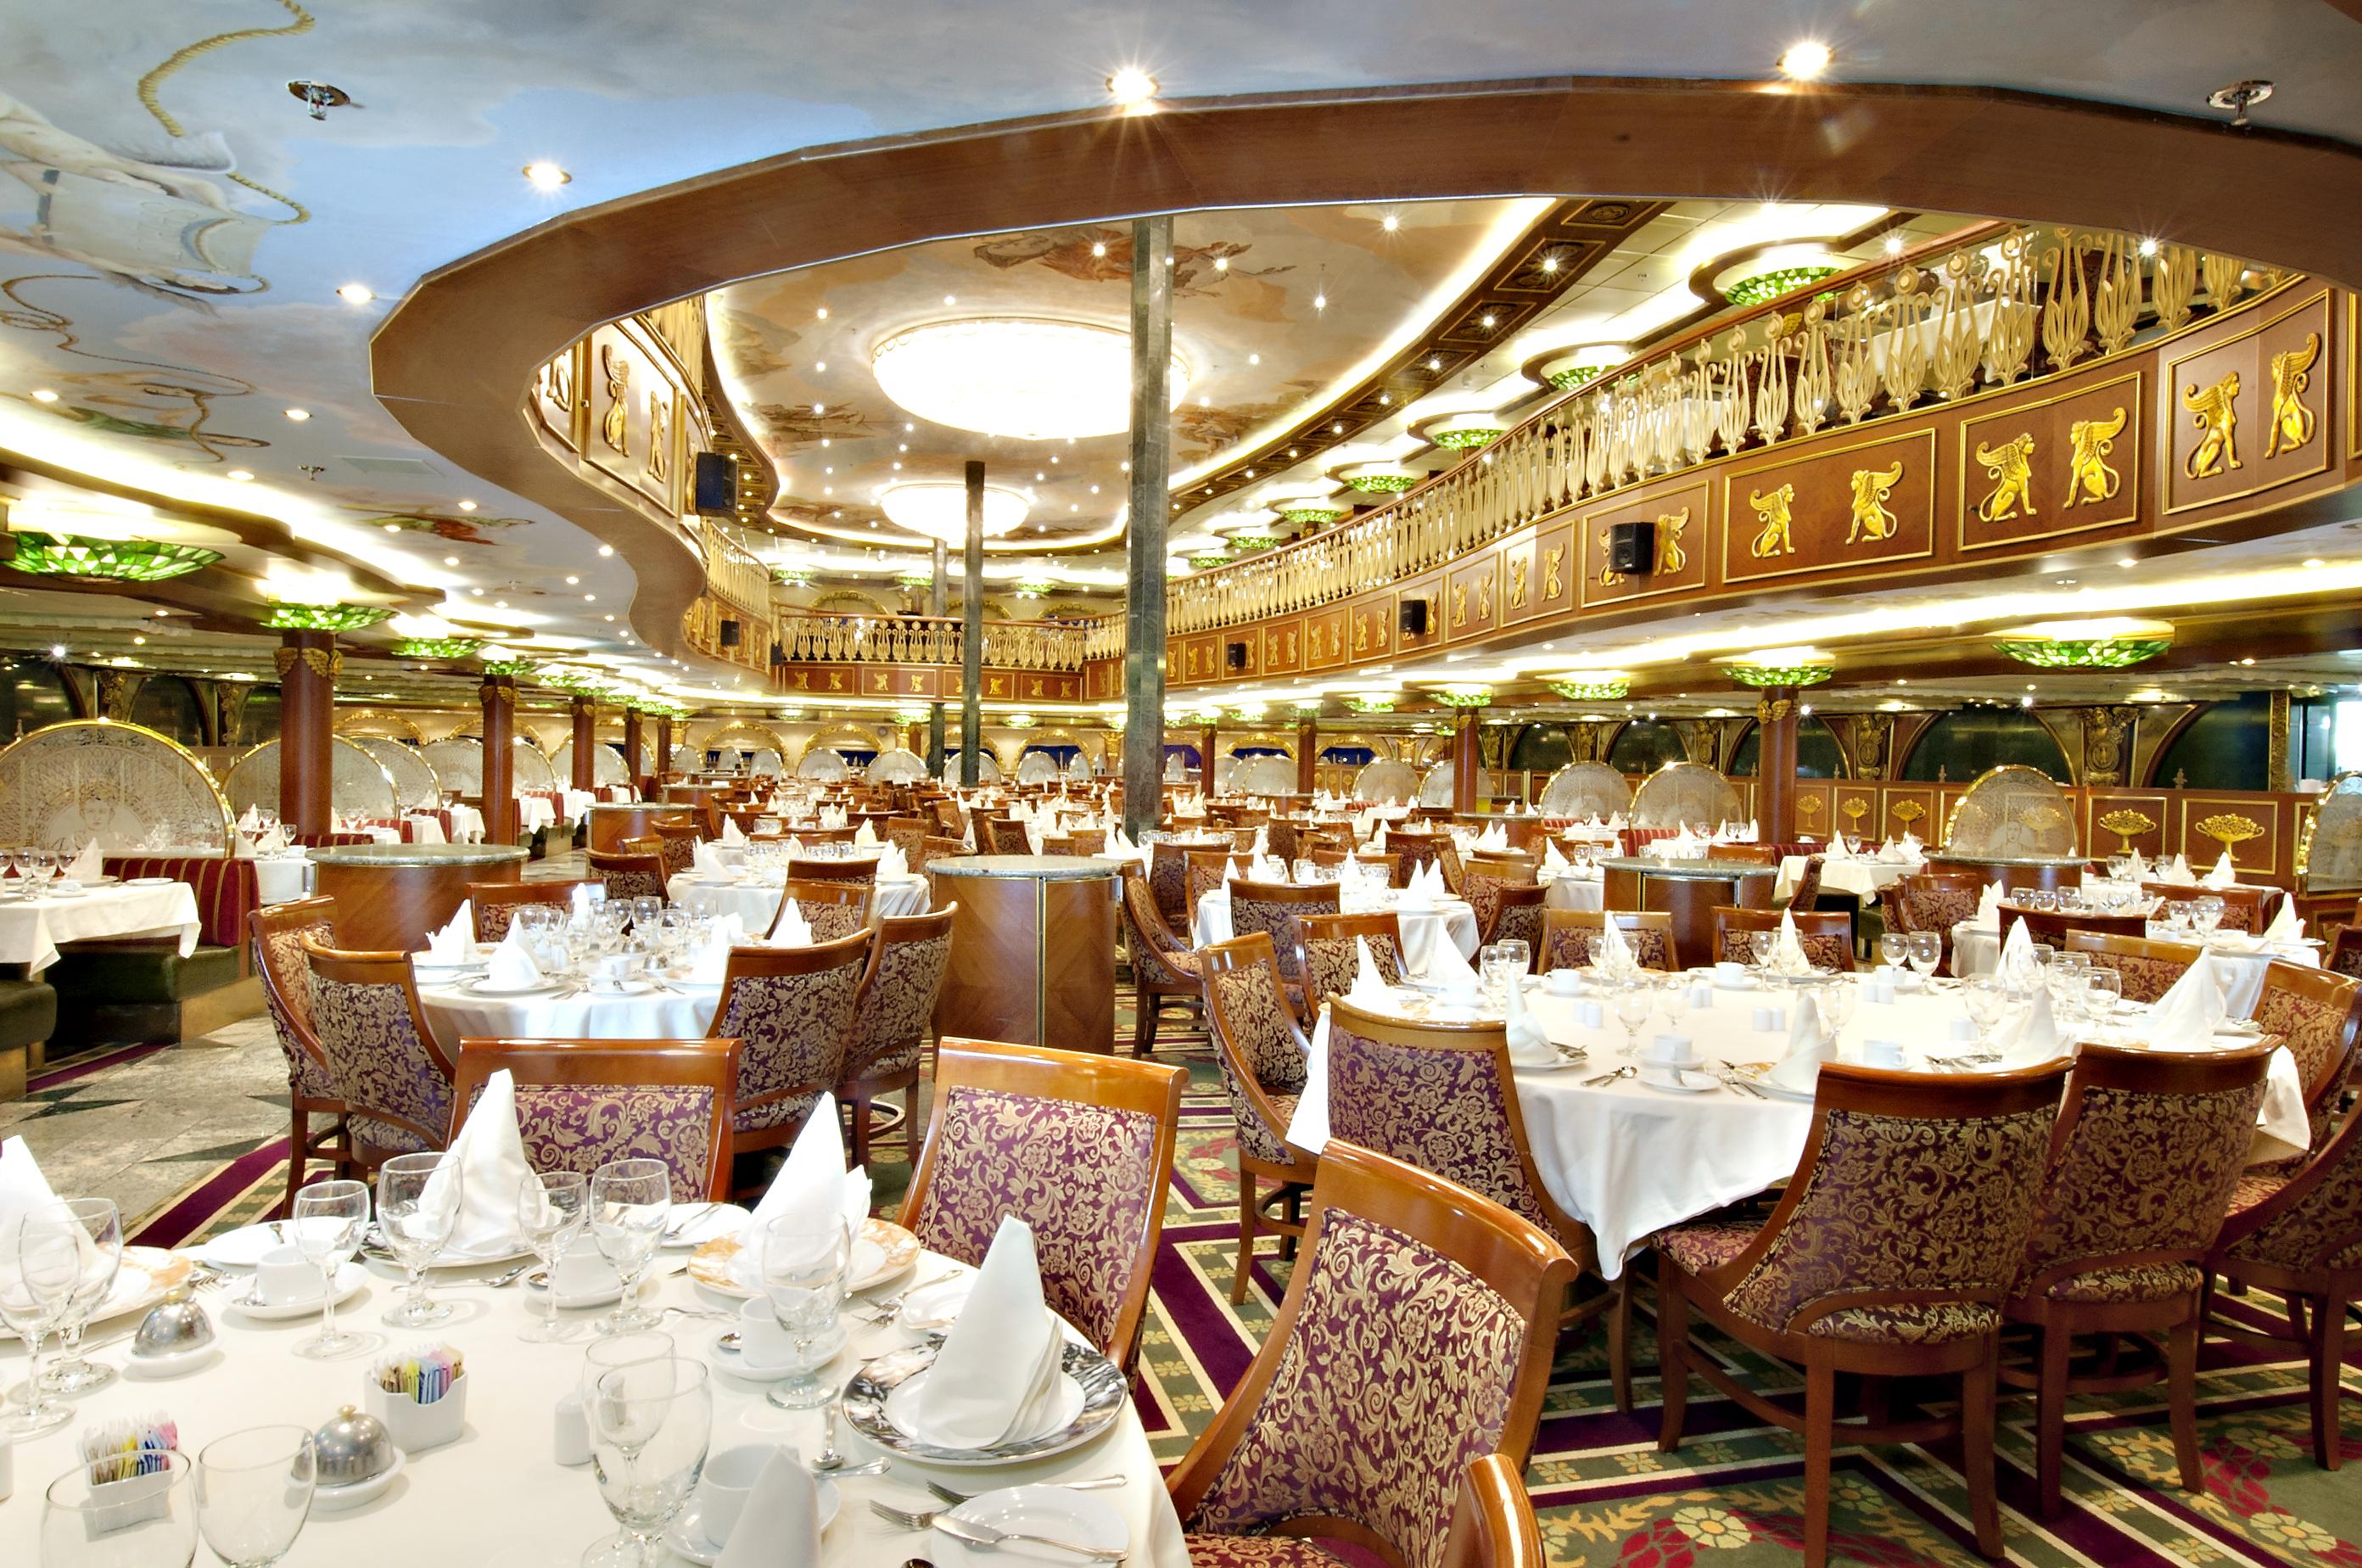 Carnival Spirit Empire Restaurant 4.jpg